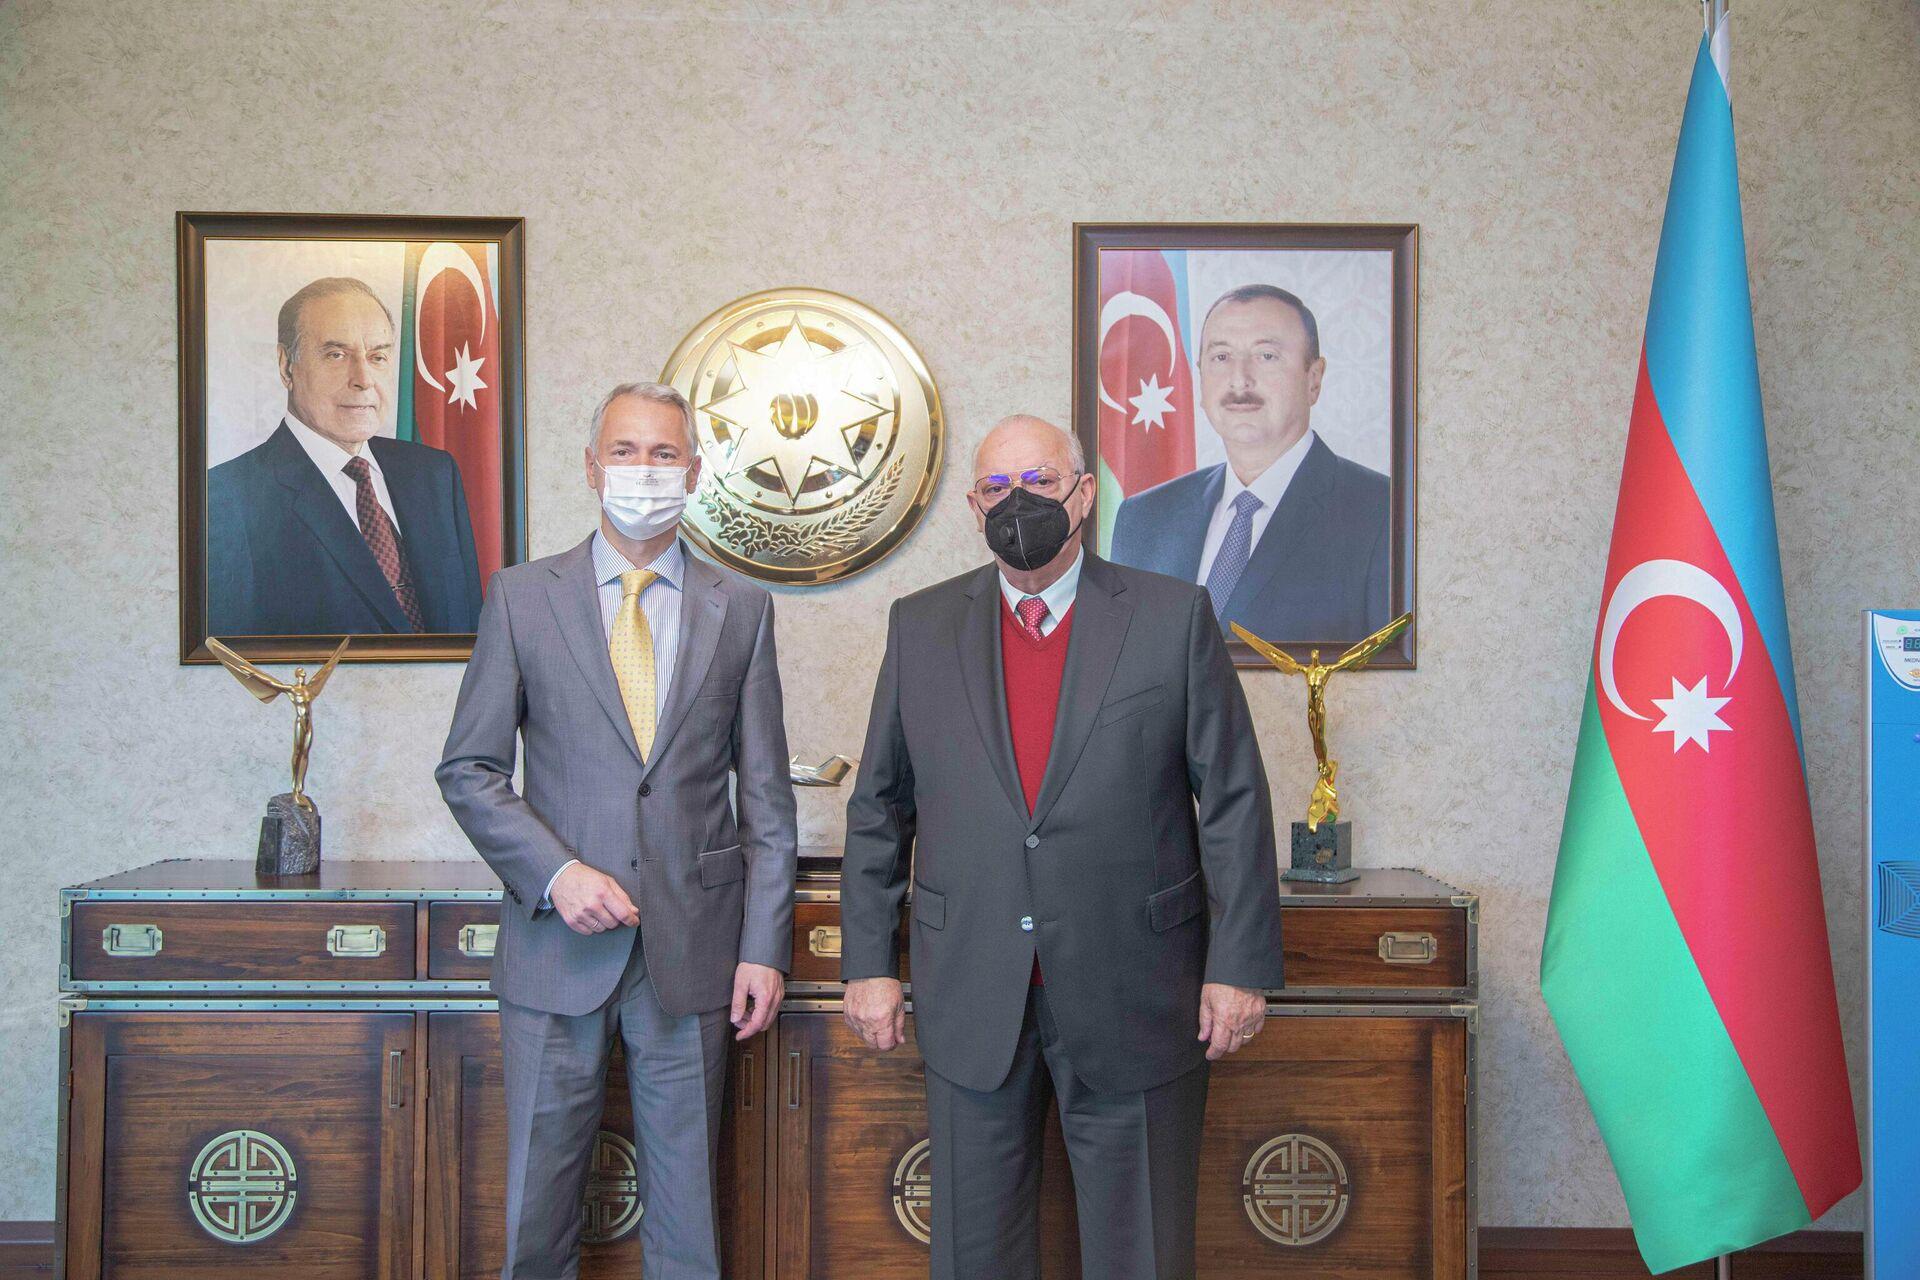 Президент AZAL Джахангир Аскеров встретился с региональным директором по продажам в Восточной и Северной Европе Airbus Group Сергеем Недбайло - Sputnik Азербайджан, 1920, 13.10.2021